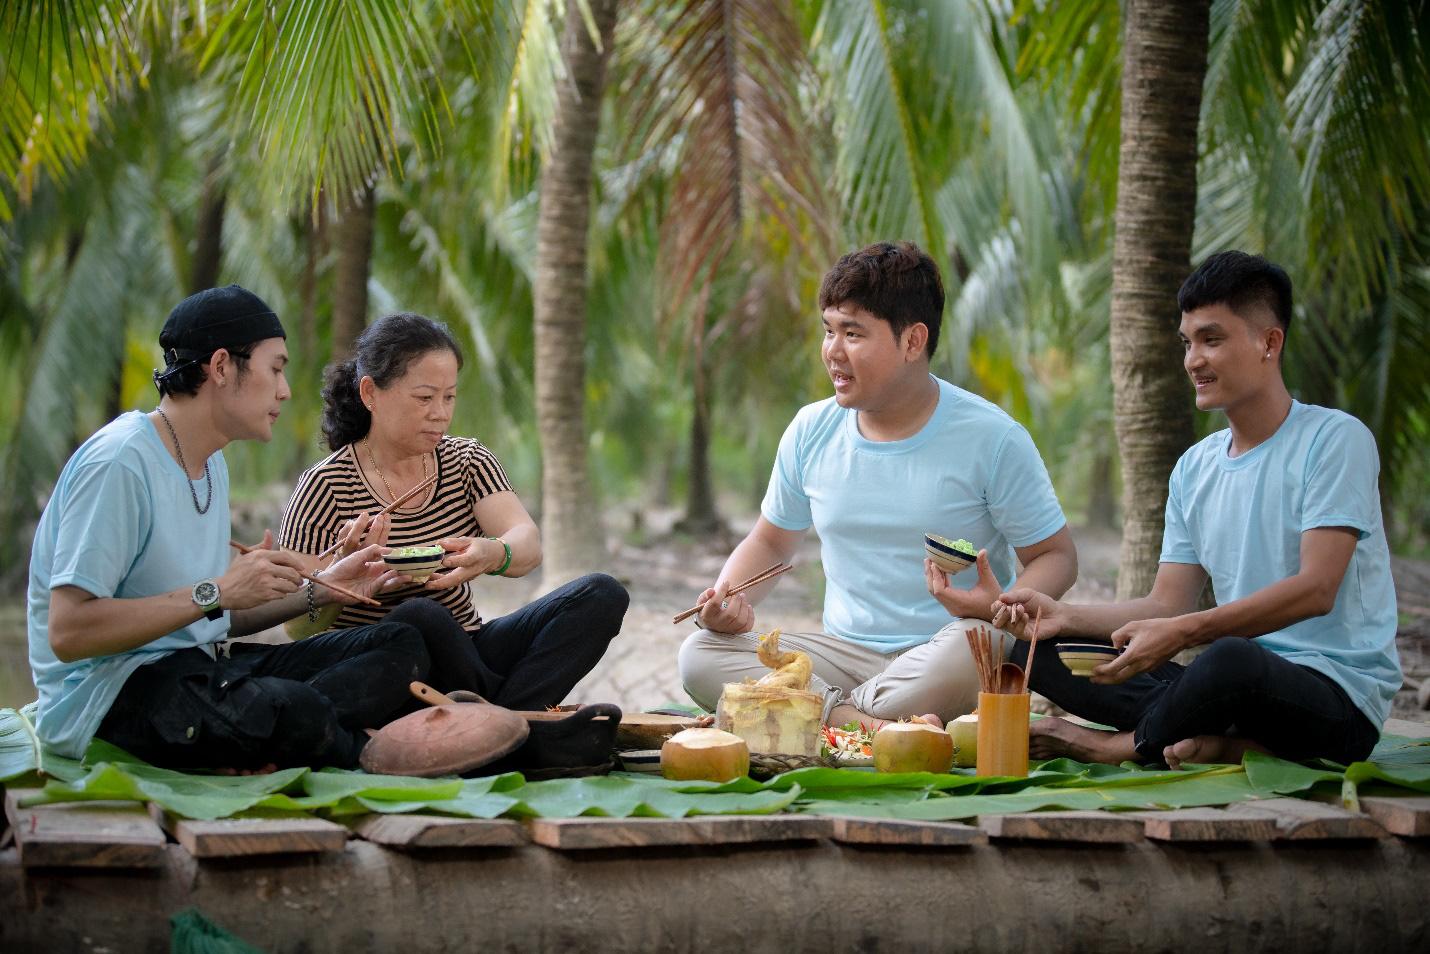 Cùng Quốc Khánh - Võ Đăng Khoa nấu đặc sản miền Tây: Cá bống kho, gà hấp củ hũ dừa, gỏi tai heo - Ảnh 1.